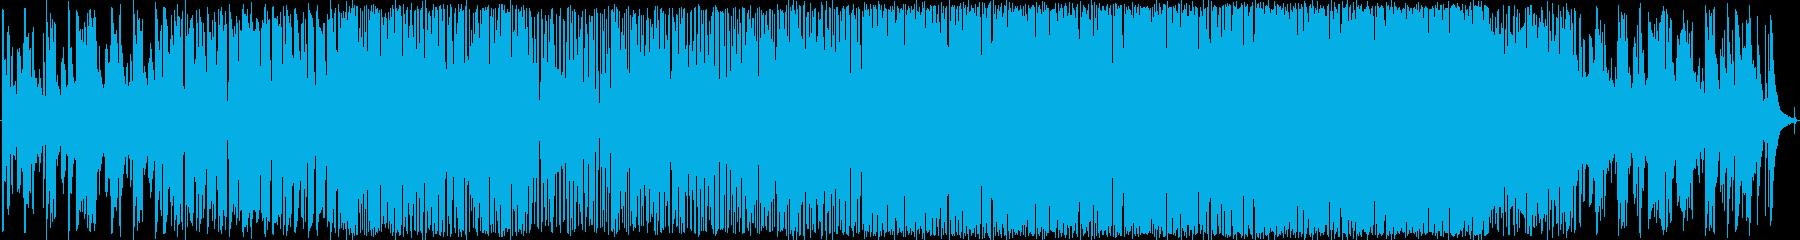 Latin 楽しげ クール 感情的...の再生済みの波形